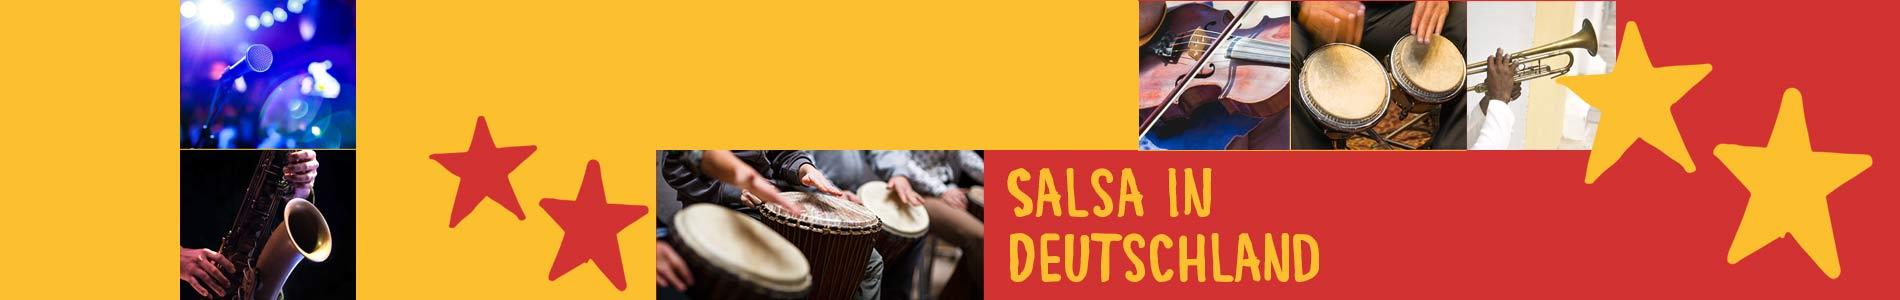 Salsa in Brumby – Salsa lernen und tanzen, Tanzkurse, Partys, Veranstaltungen